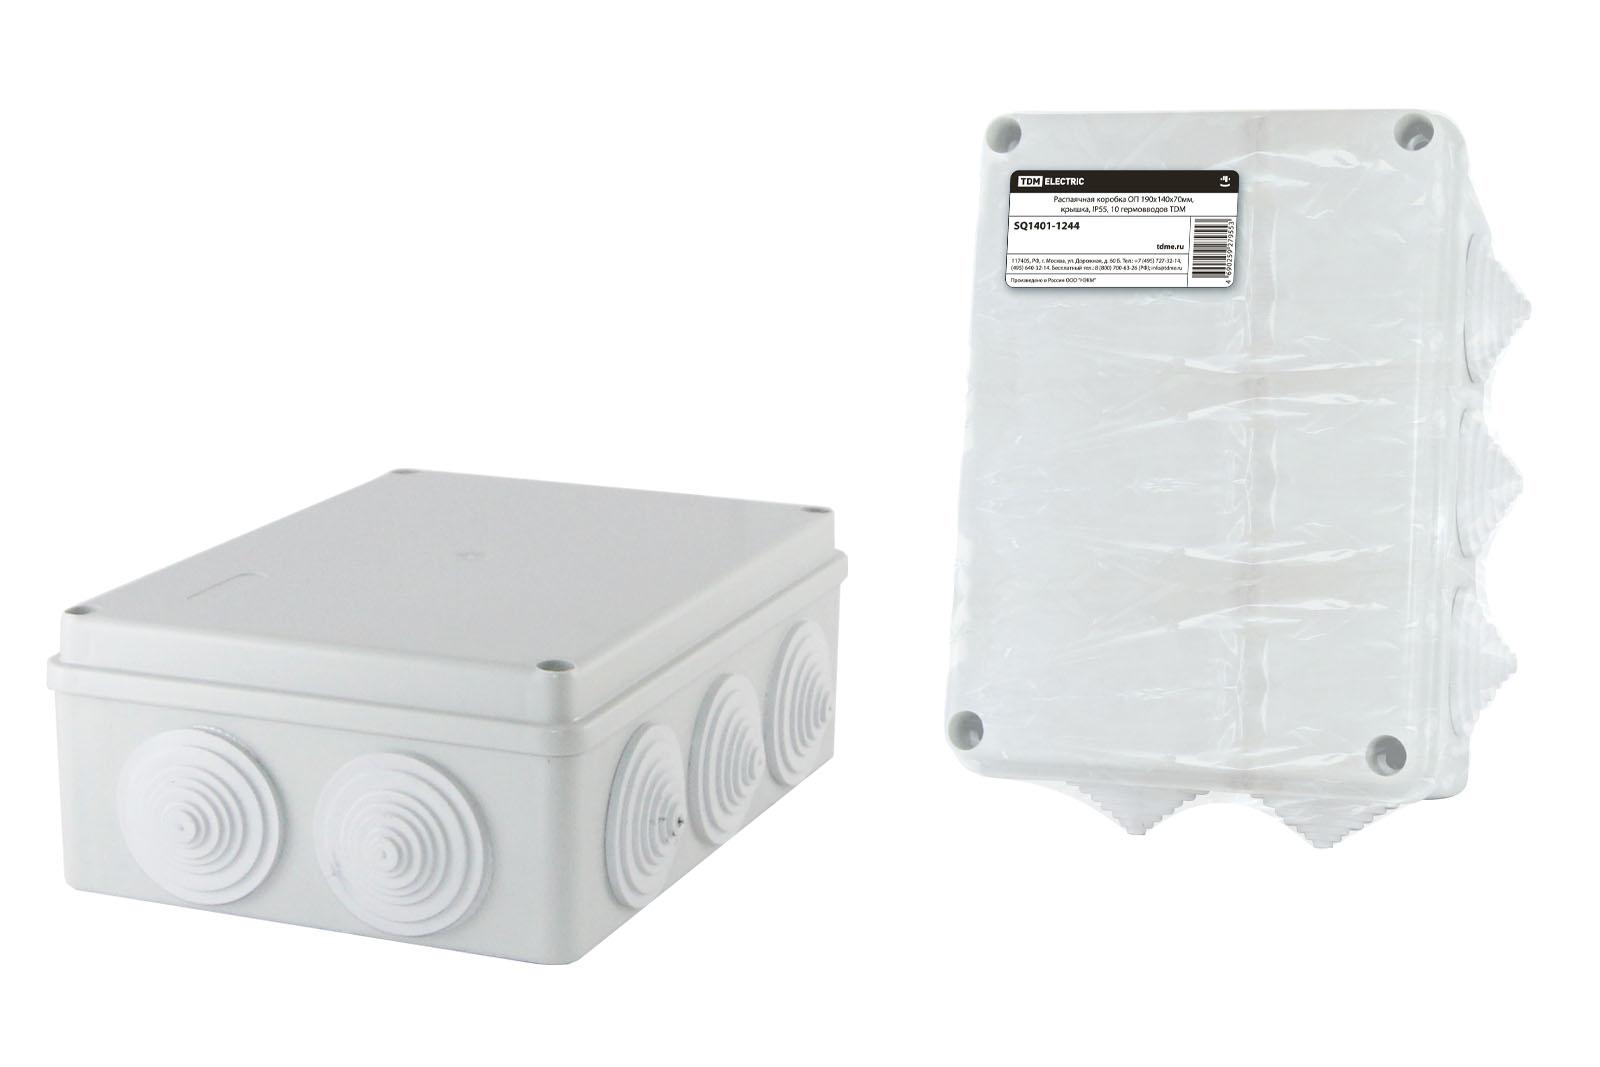 Коробка распаячная Tdm Sq1401-1244 распаячная коробка с крышкой оп 190х140х70мм ip44 10 гермовводов tdm sq1401 1243